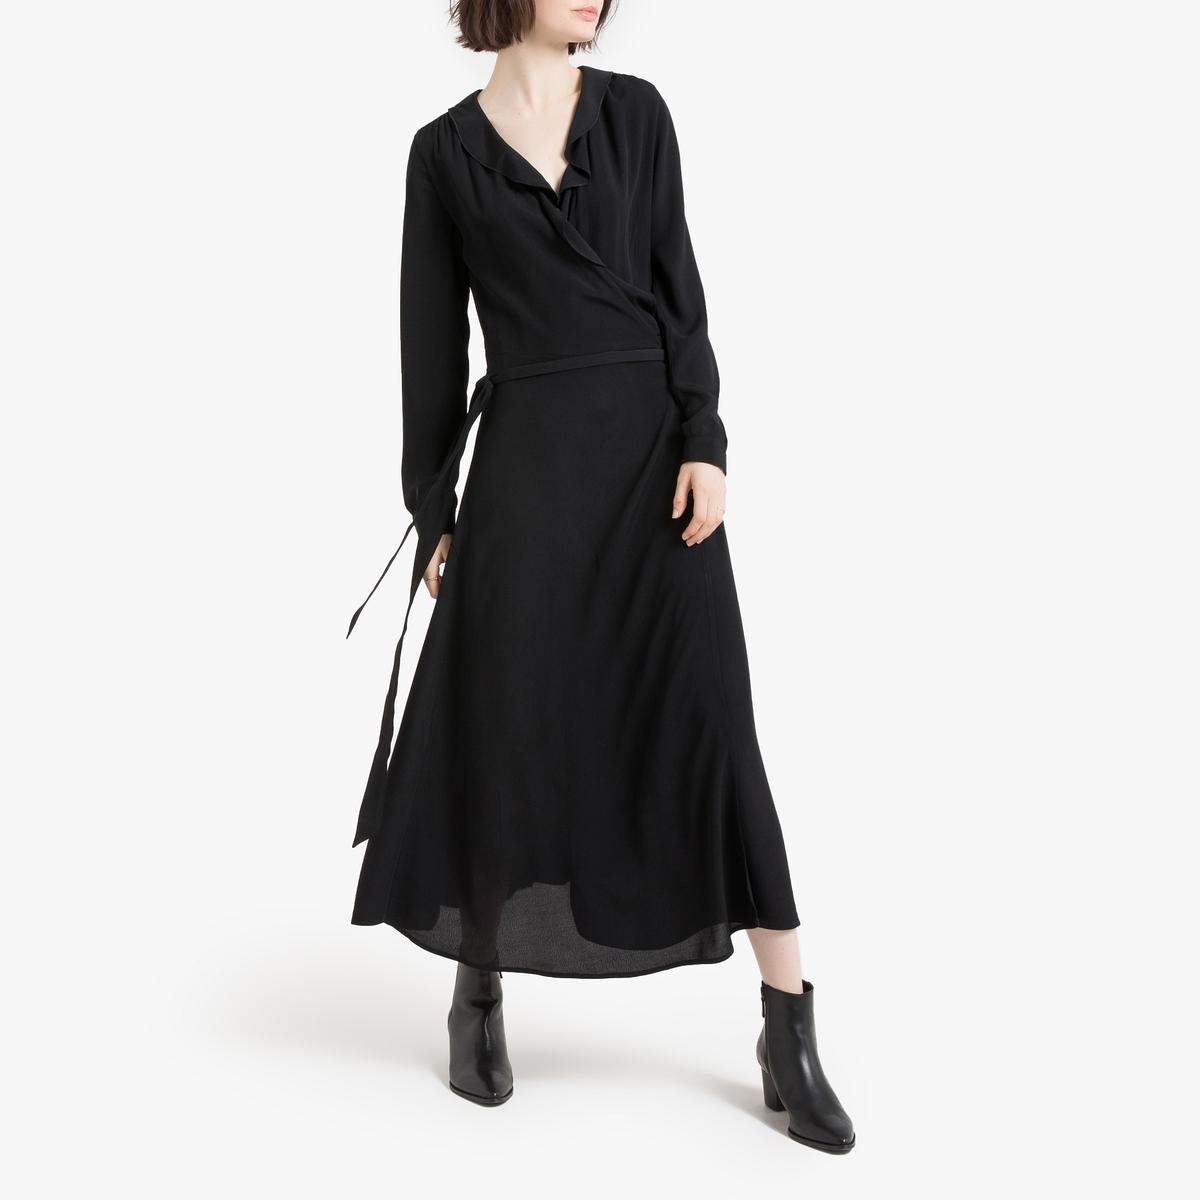 Vestido comprido, modelo elegante, folho na parte de cima